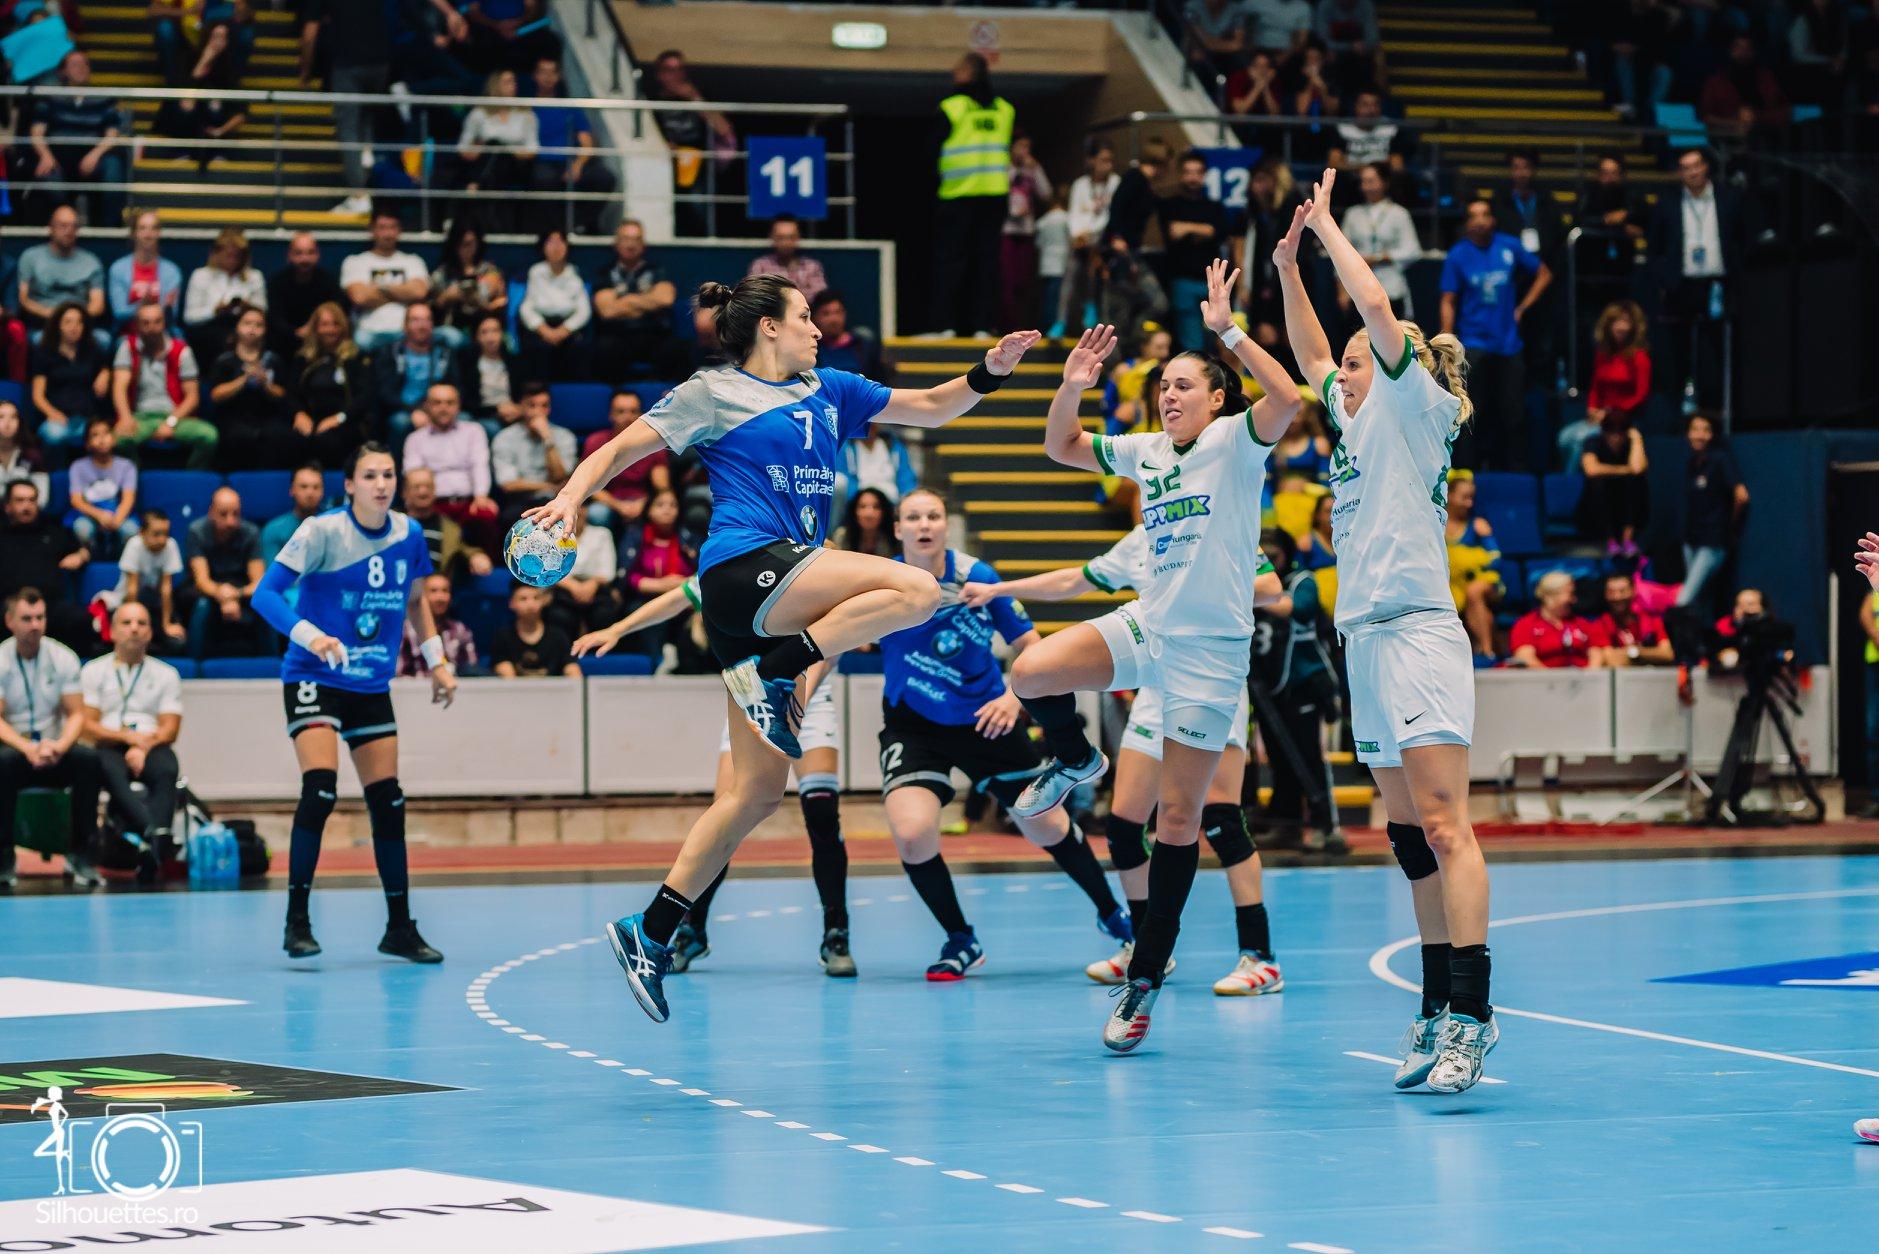 Bukurešt startovao pobedom u Ligi šampiona